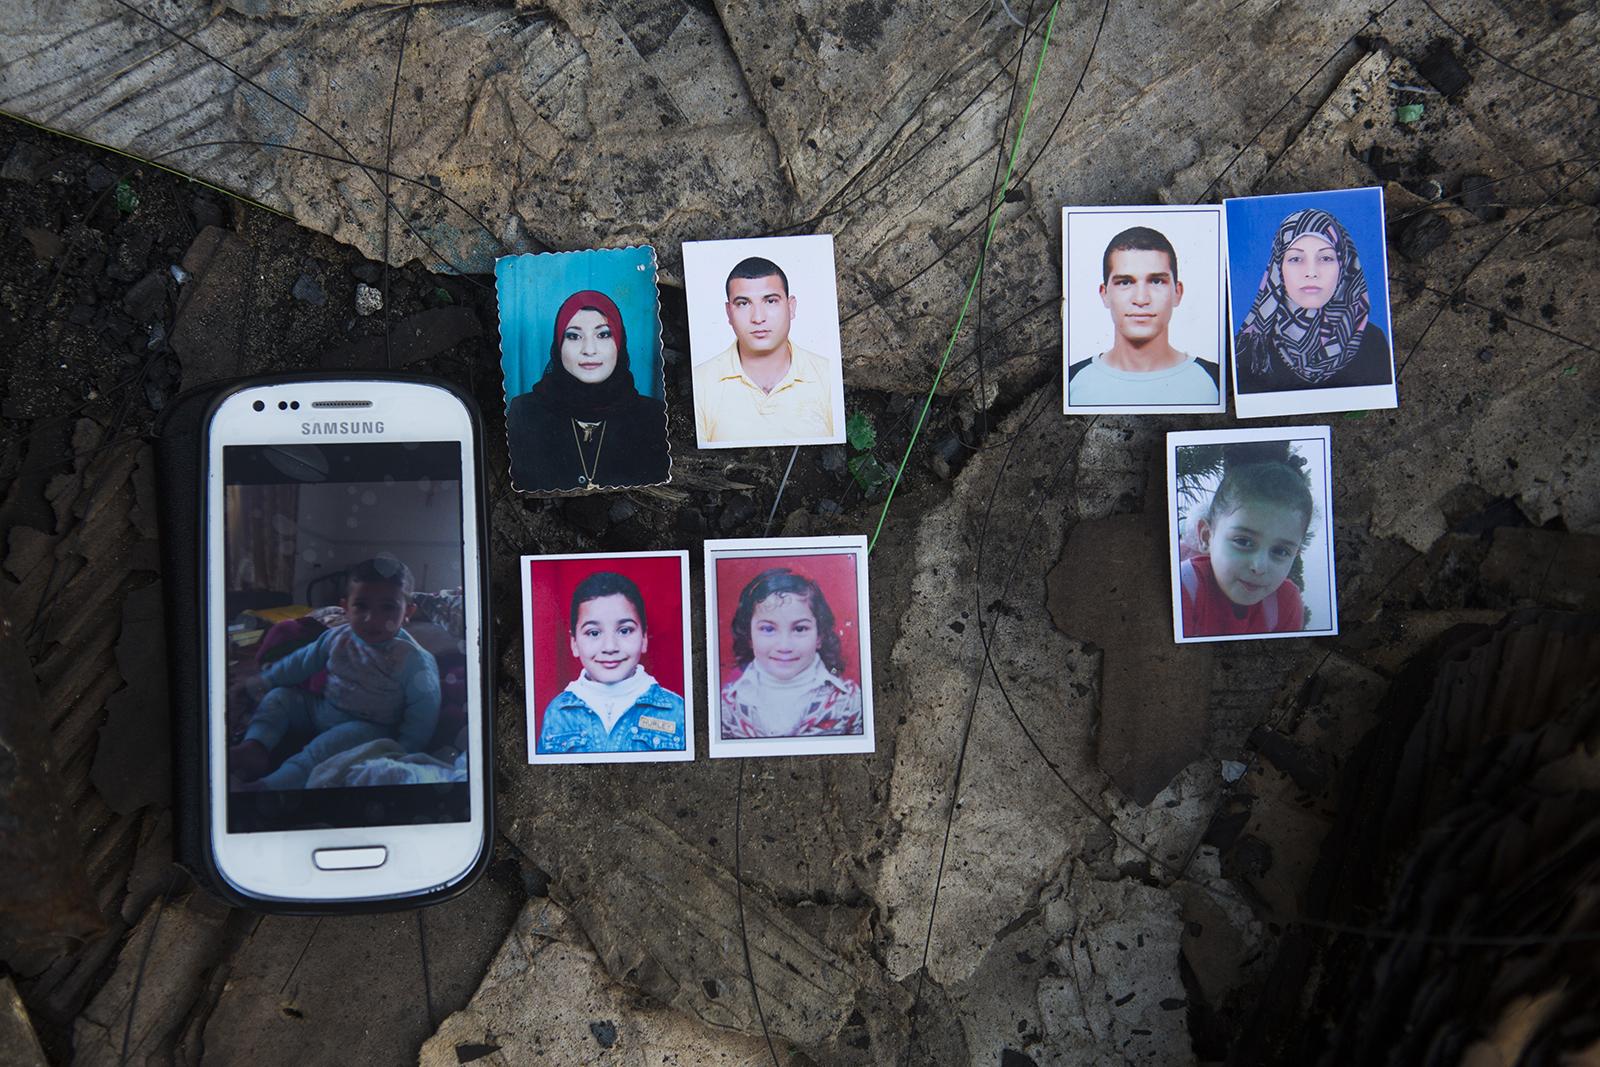 30 LIPCA 2014 Ośmioro członków rodziny al-Chalili zostało zabitych, gdy czekali na ewakuację.